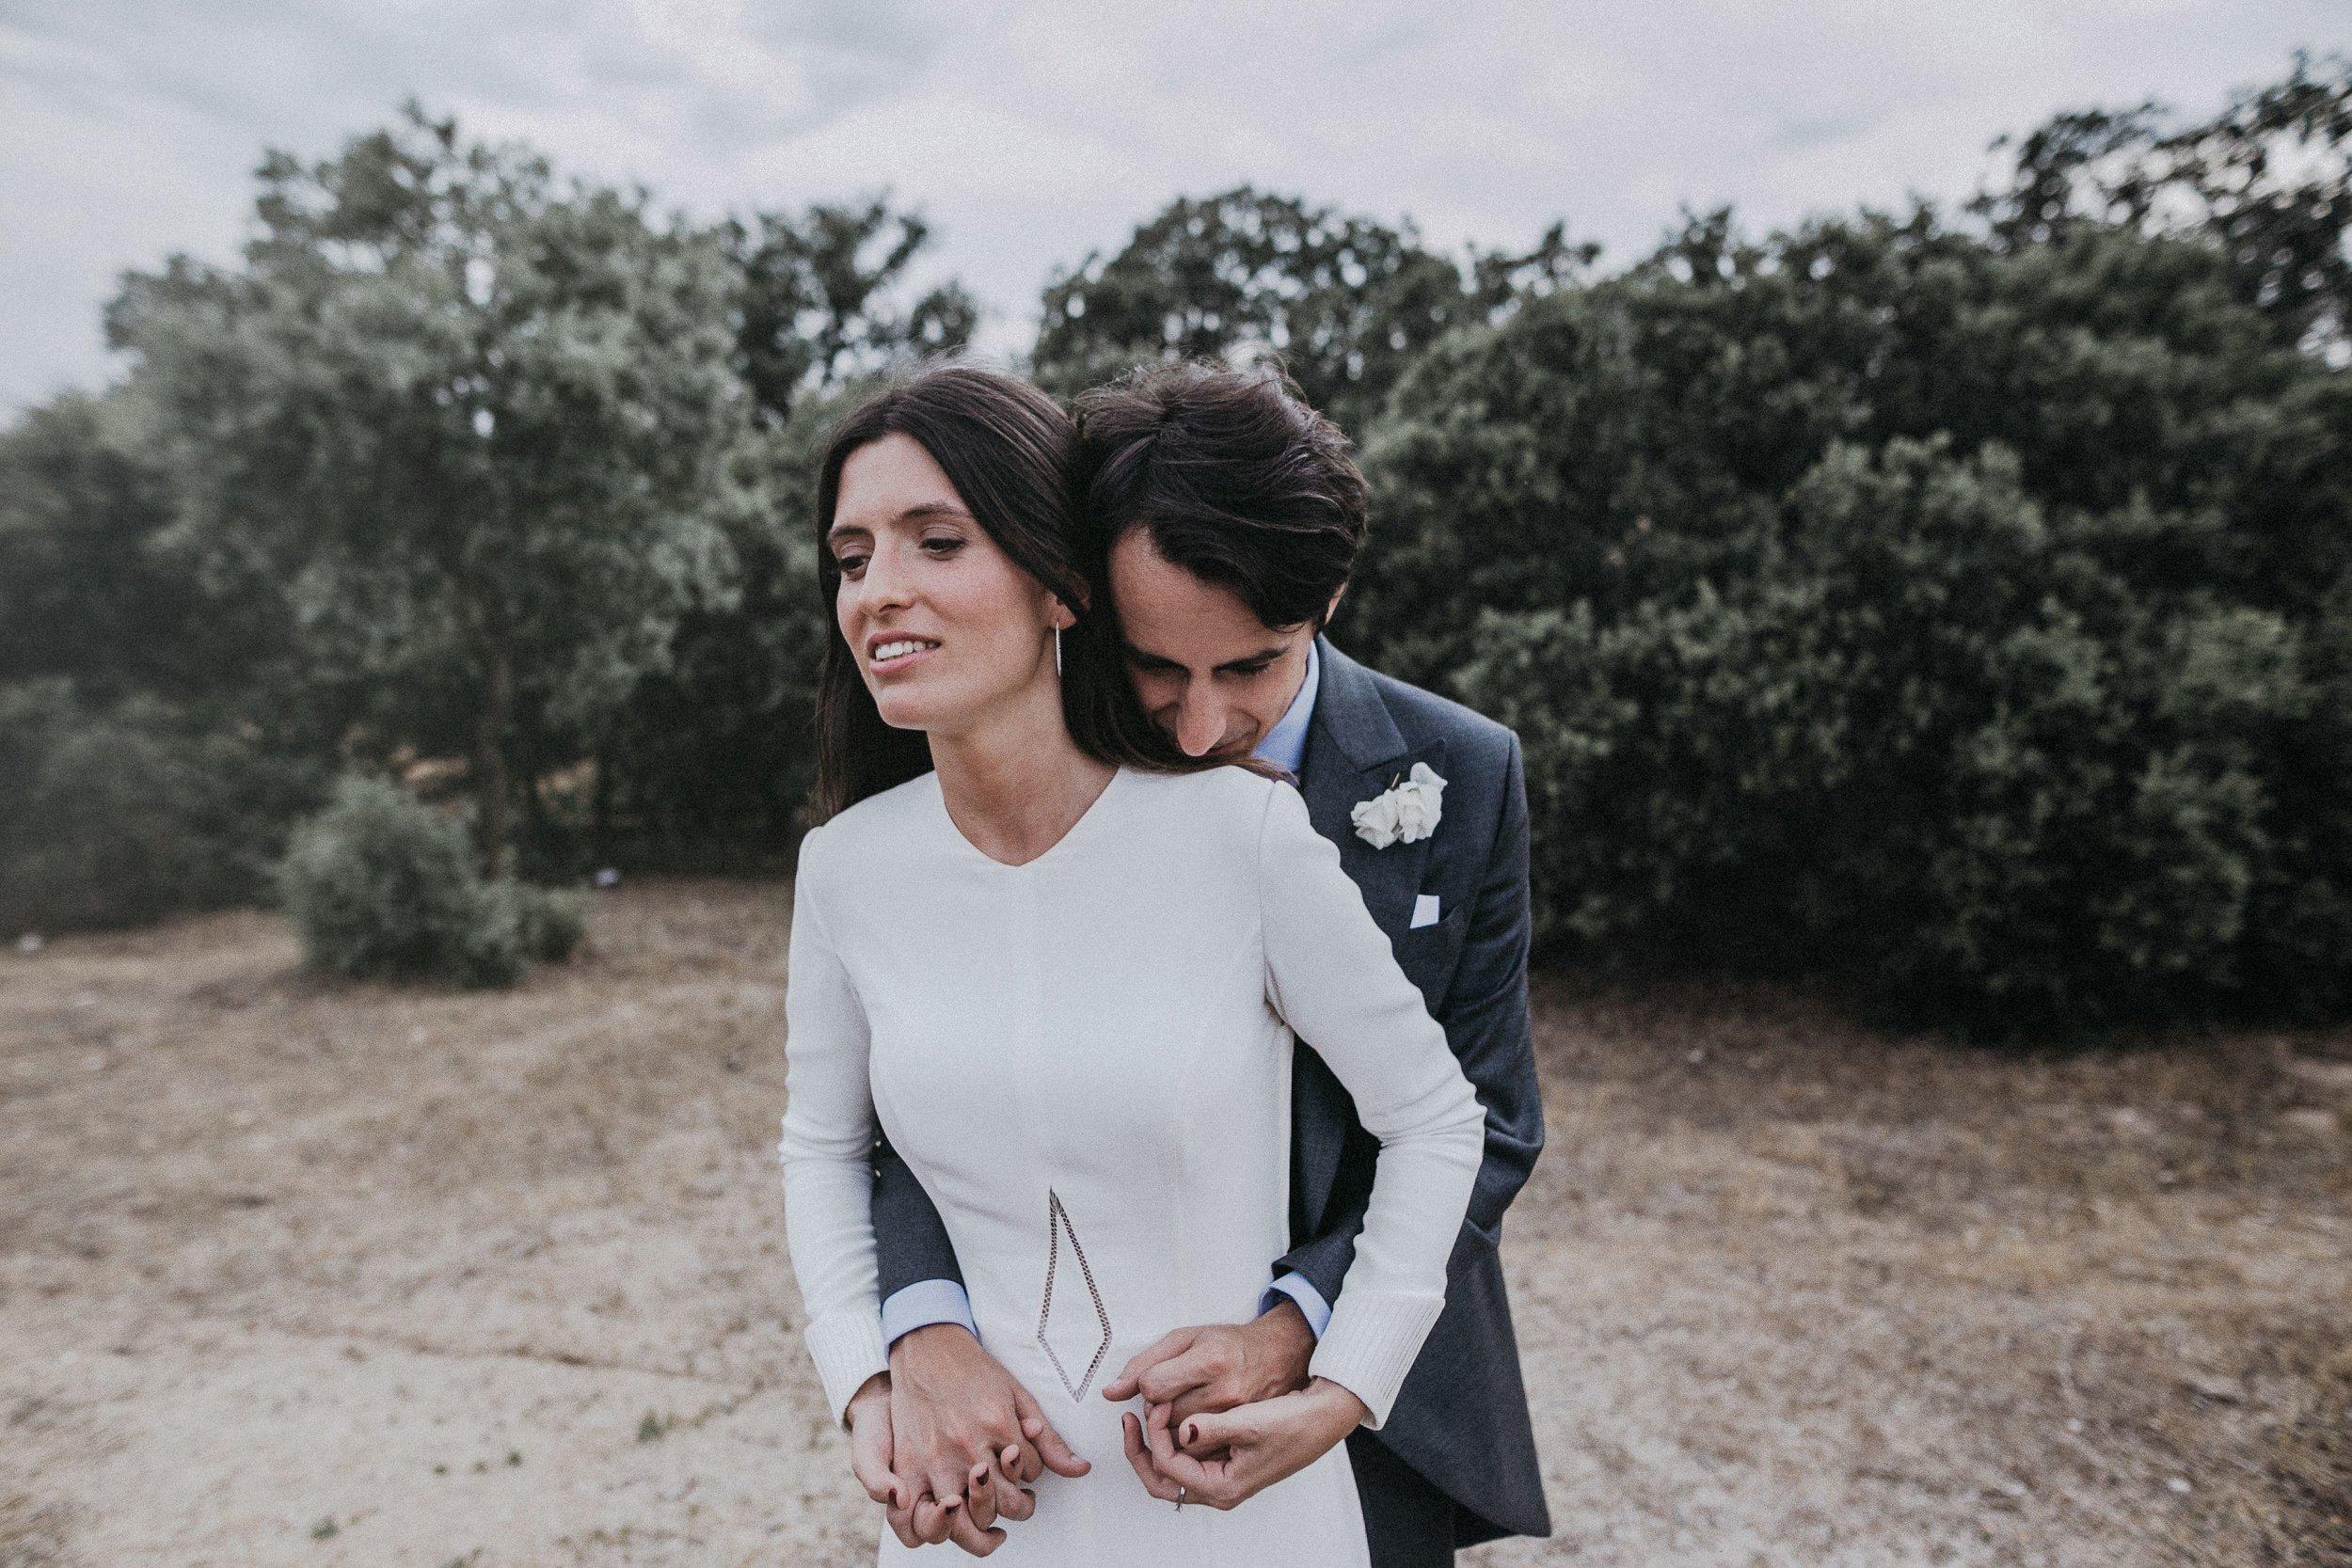 Fotografo de bodas españa serafin castillo wedding photographer spain 939.jpg